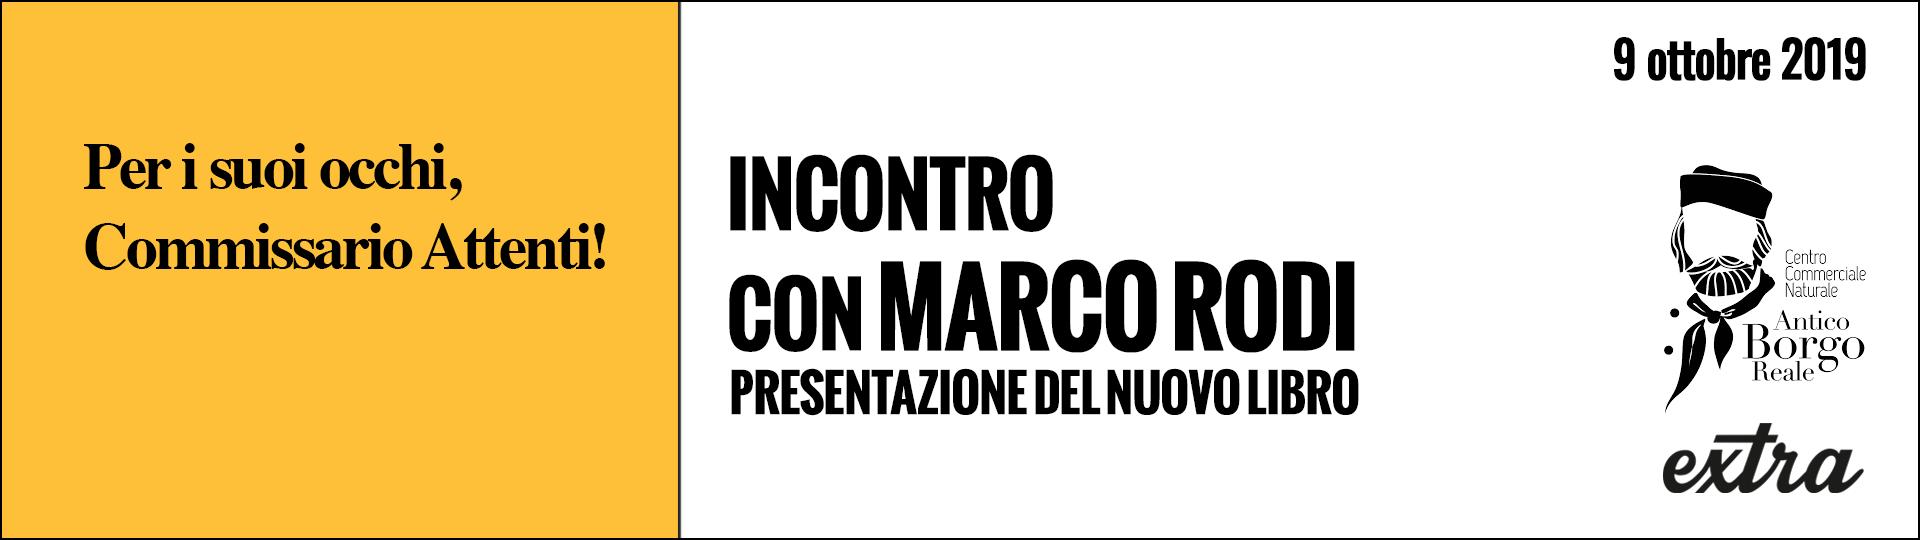 Incontro con lo scrittore Marco Rodi